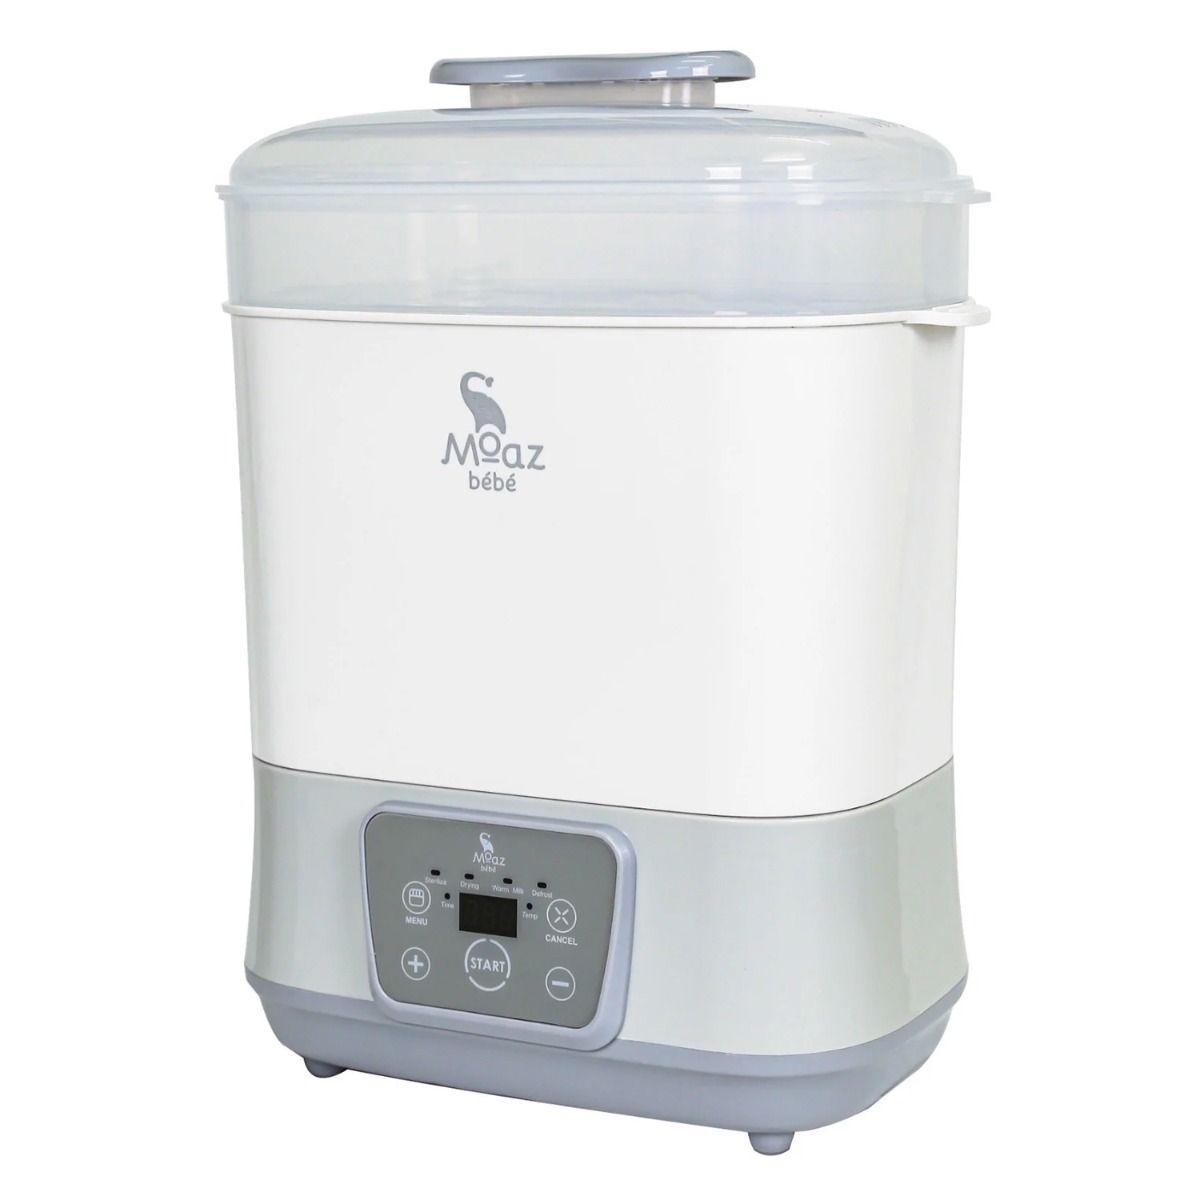 Máy tiệt trùng hơi nước sấy khô Moaz Bébé thông minh MB-011